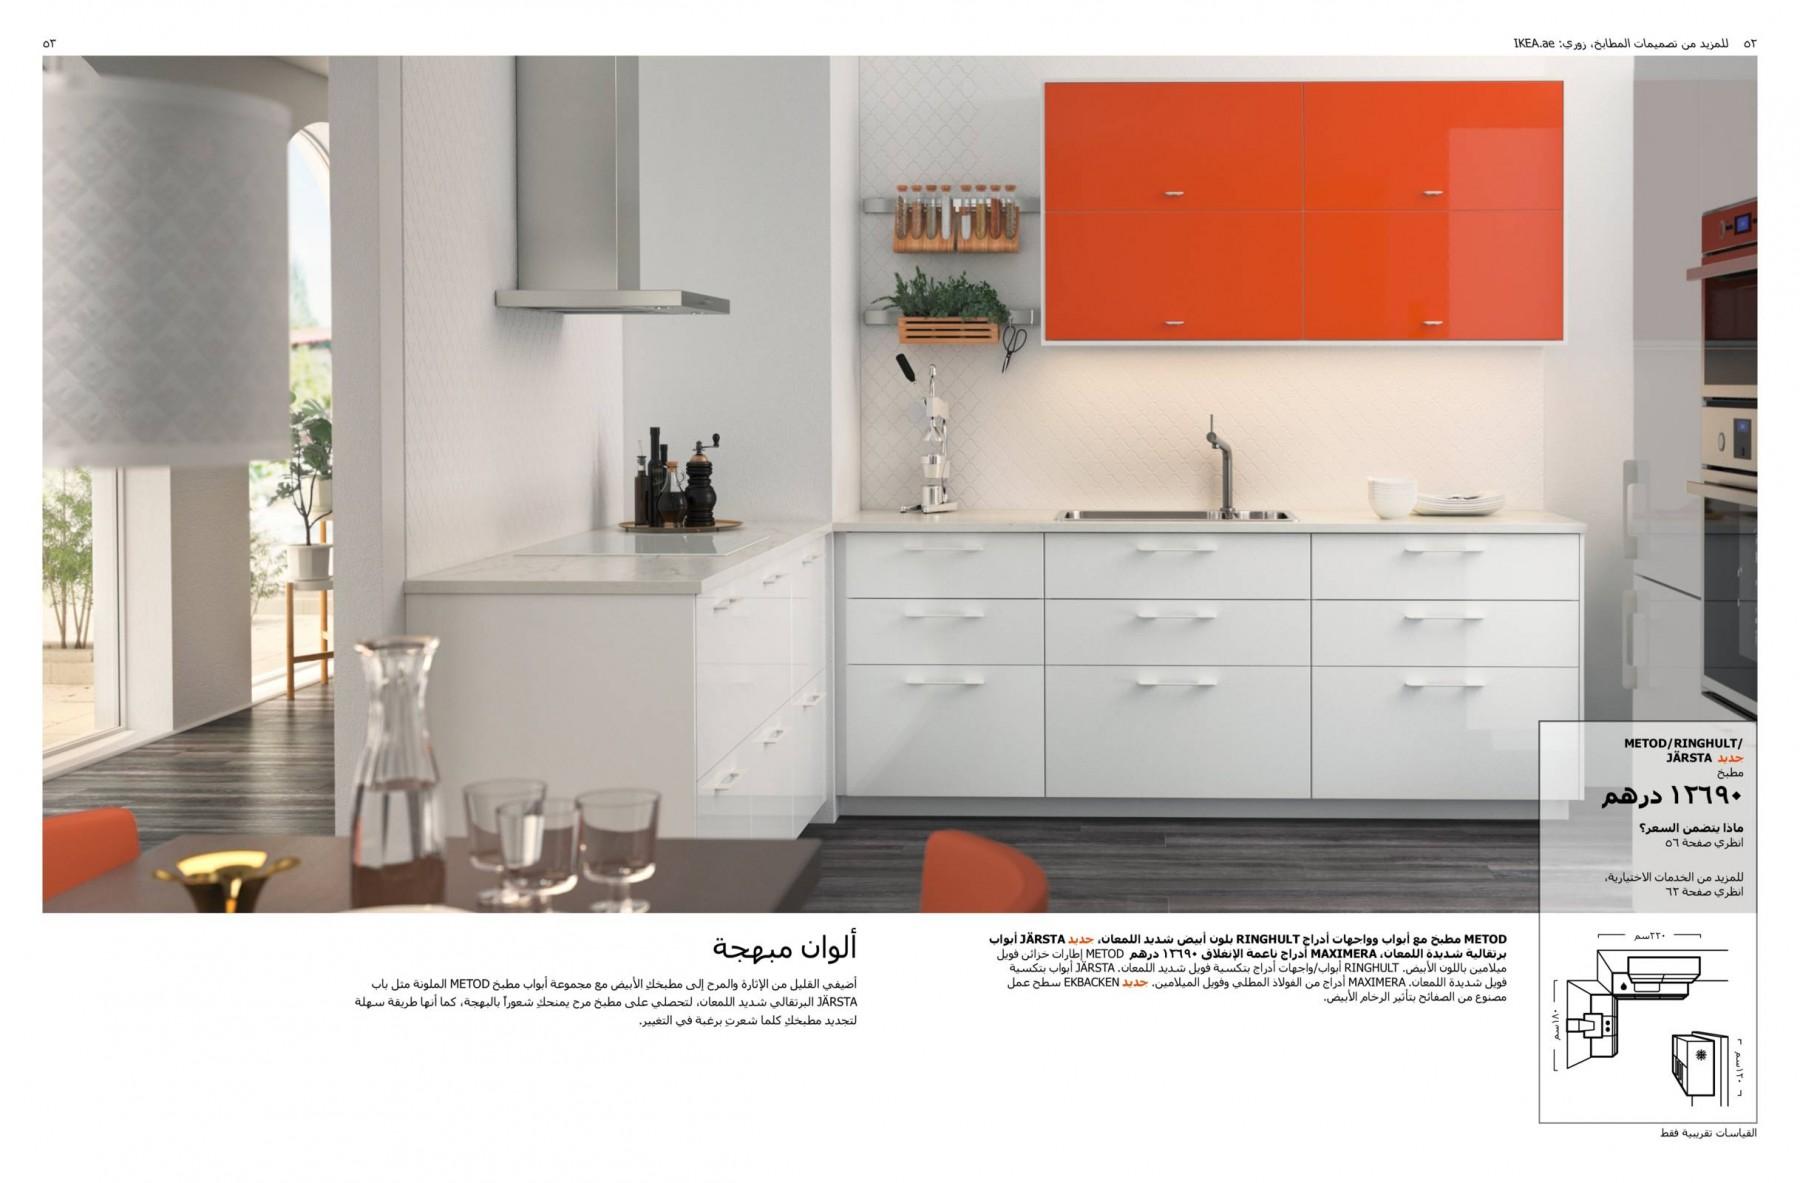 Cout montage cuisine ikea 28 images source d for Avis montage cuisine ikea